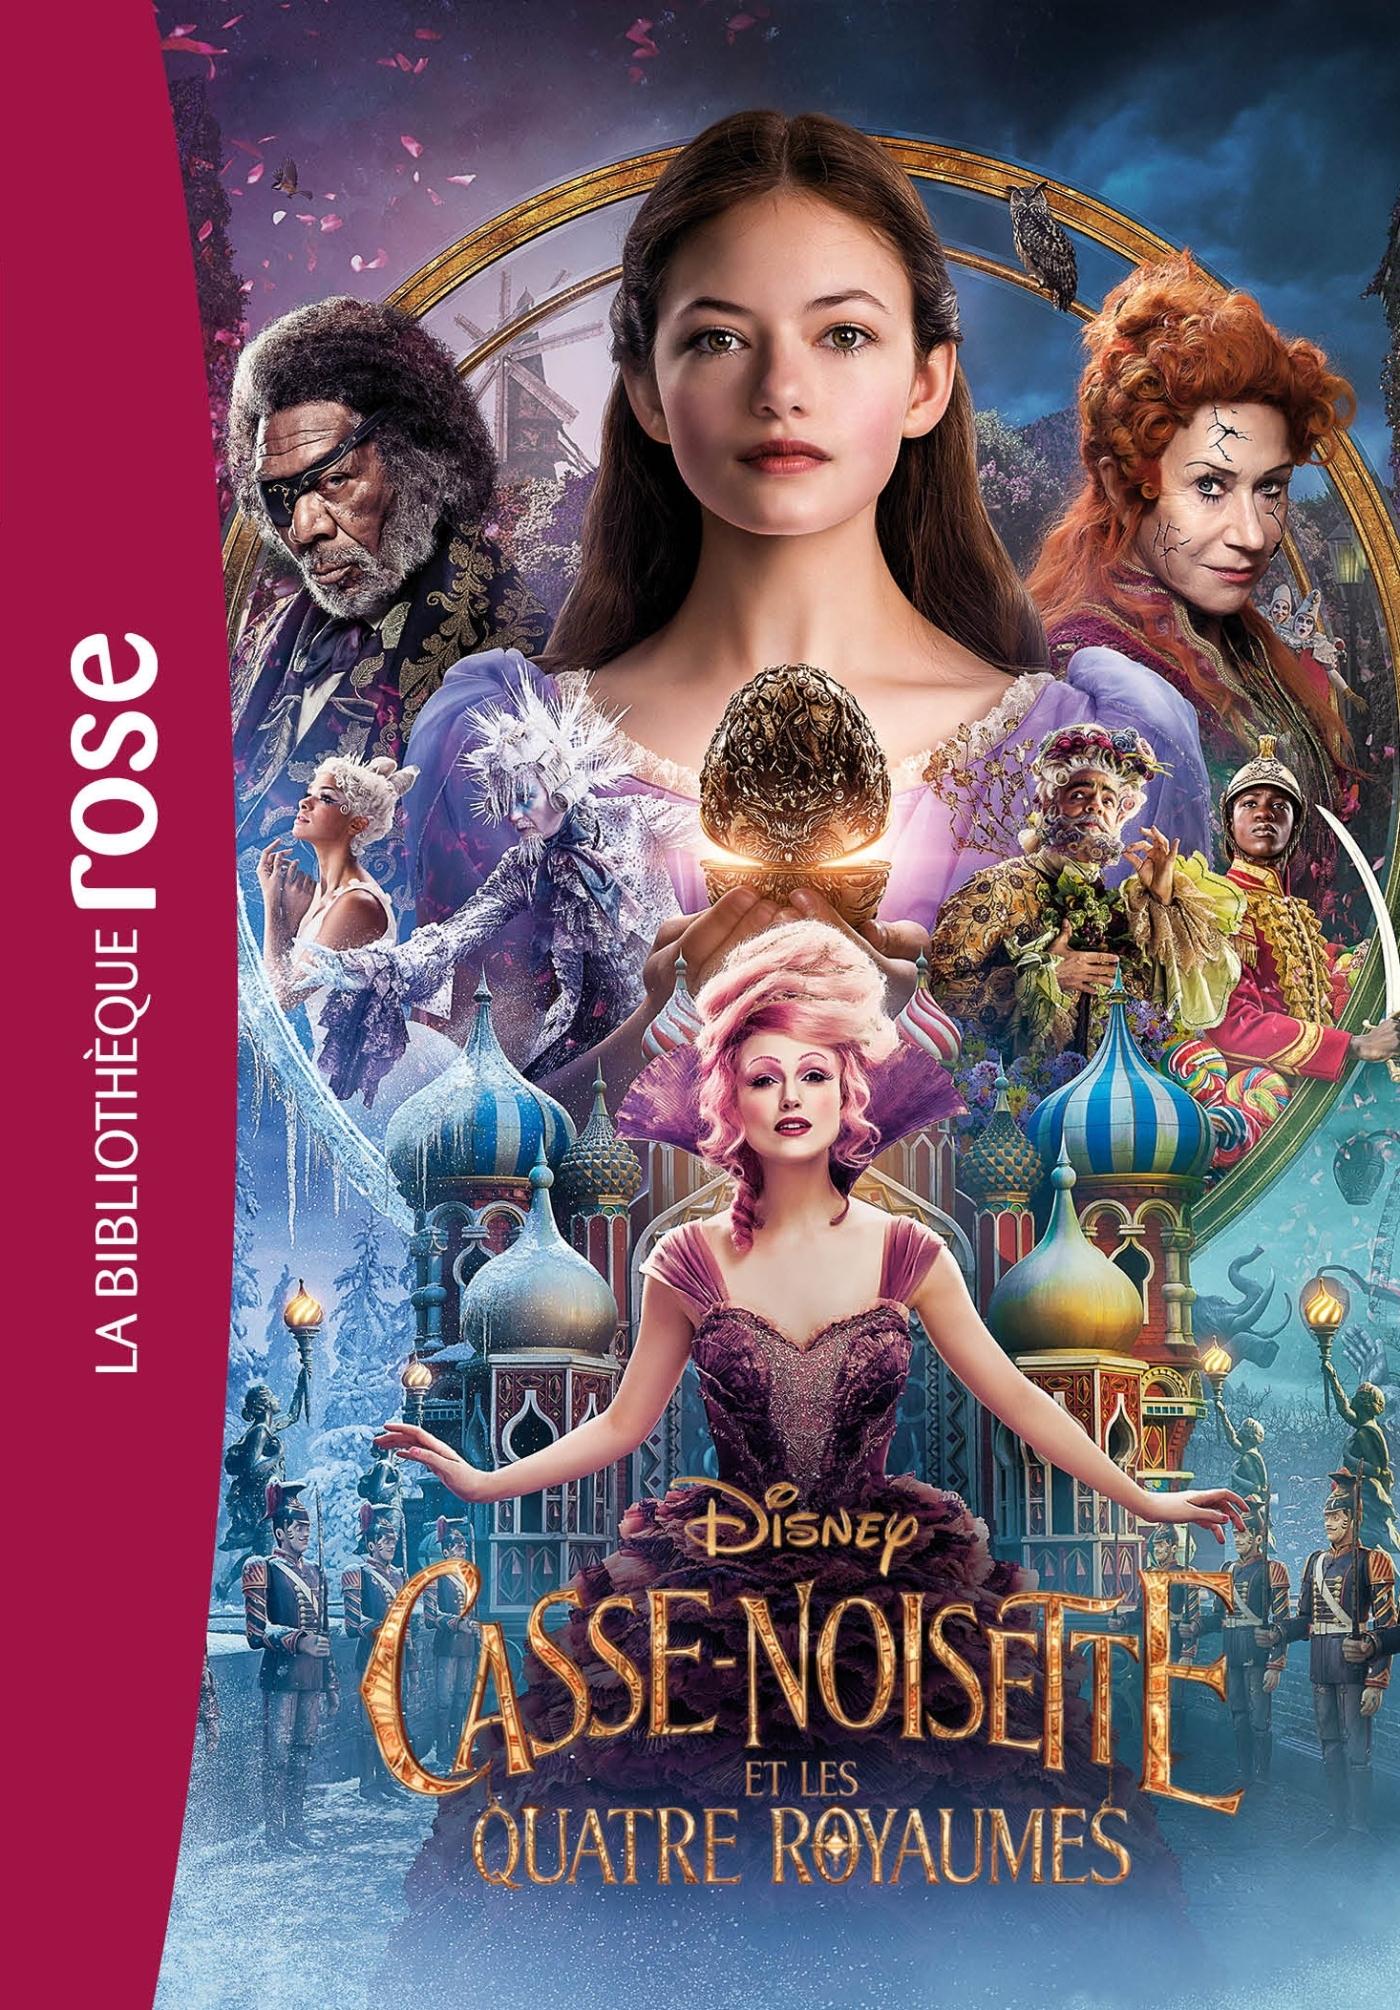 CASSE-NOISETTE ET LES QUATRE ROYAUMES - LE ROMAN DU FILM - FILMS BB ROSE 10-12 - T0